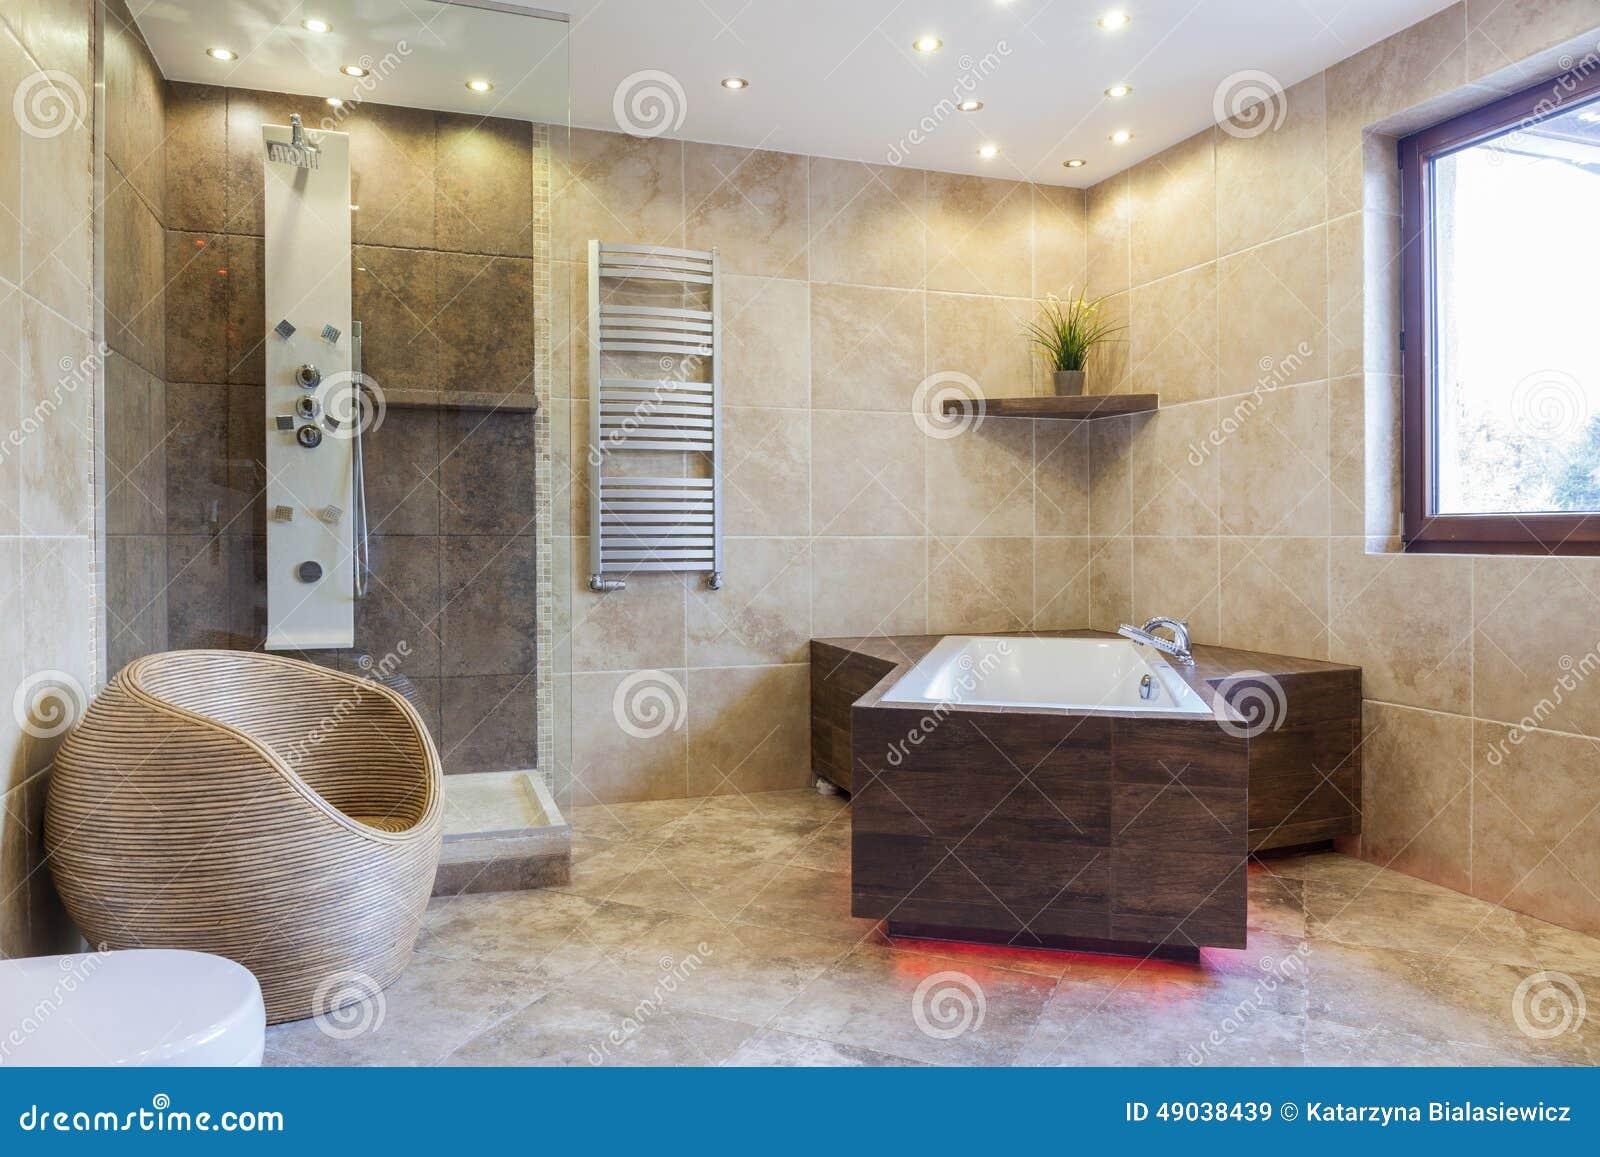 Große Badewanne In Einem Badezimmer Stockbild - Bild von konzipiert ...